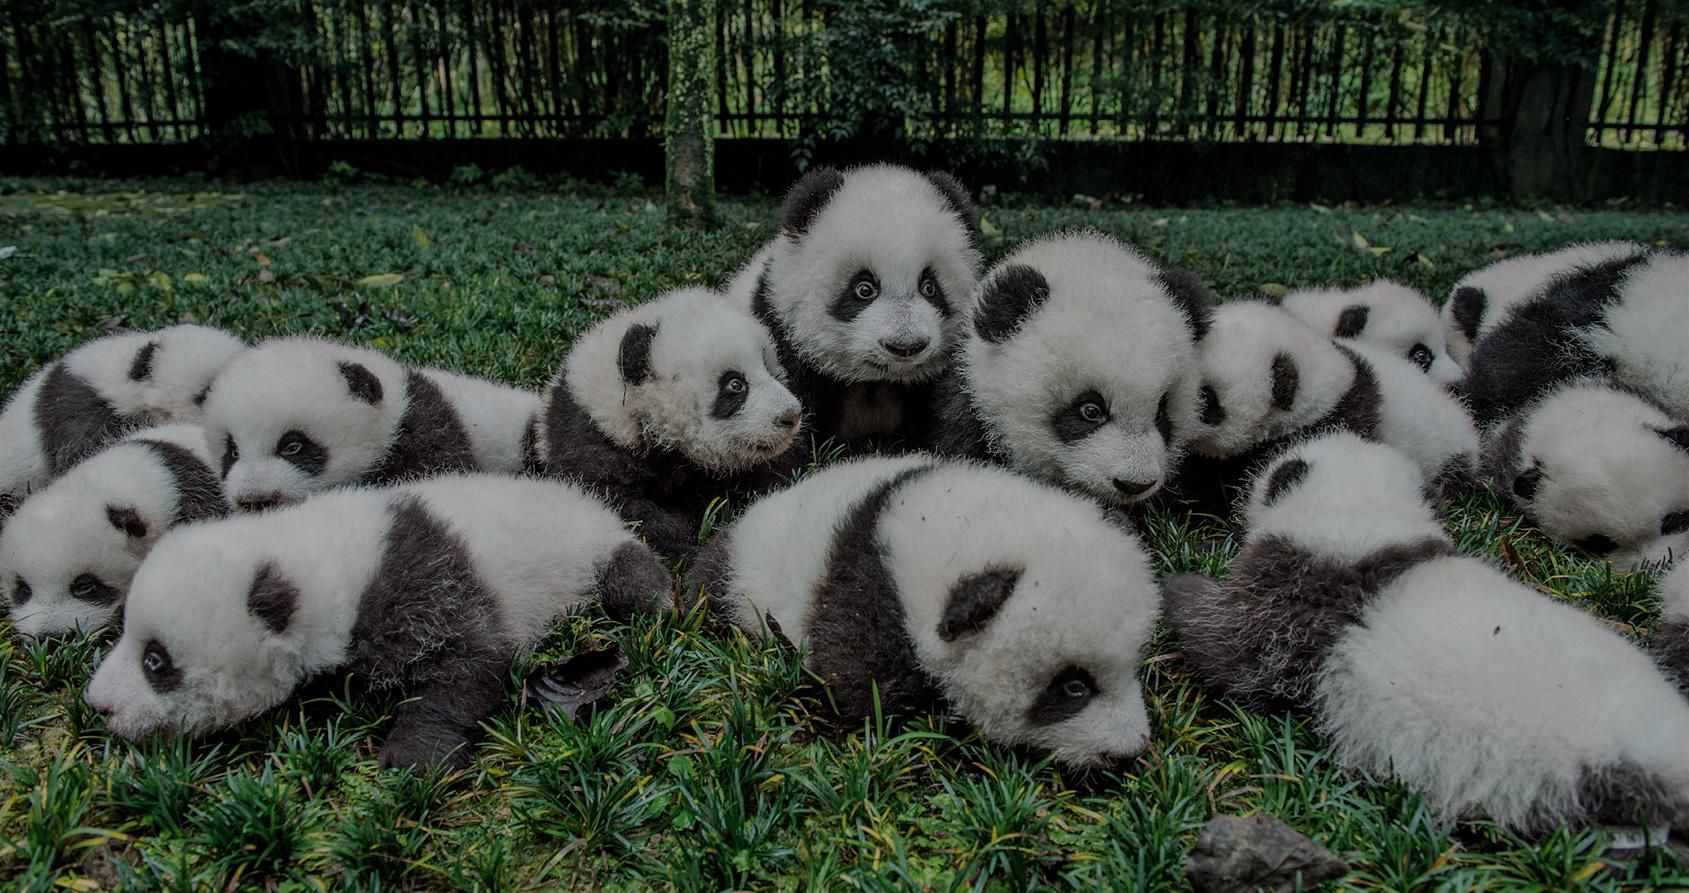 Comment la Chine utilise les pandas pour faire de la diplomatie